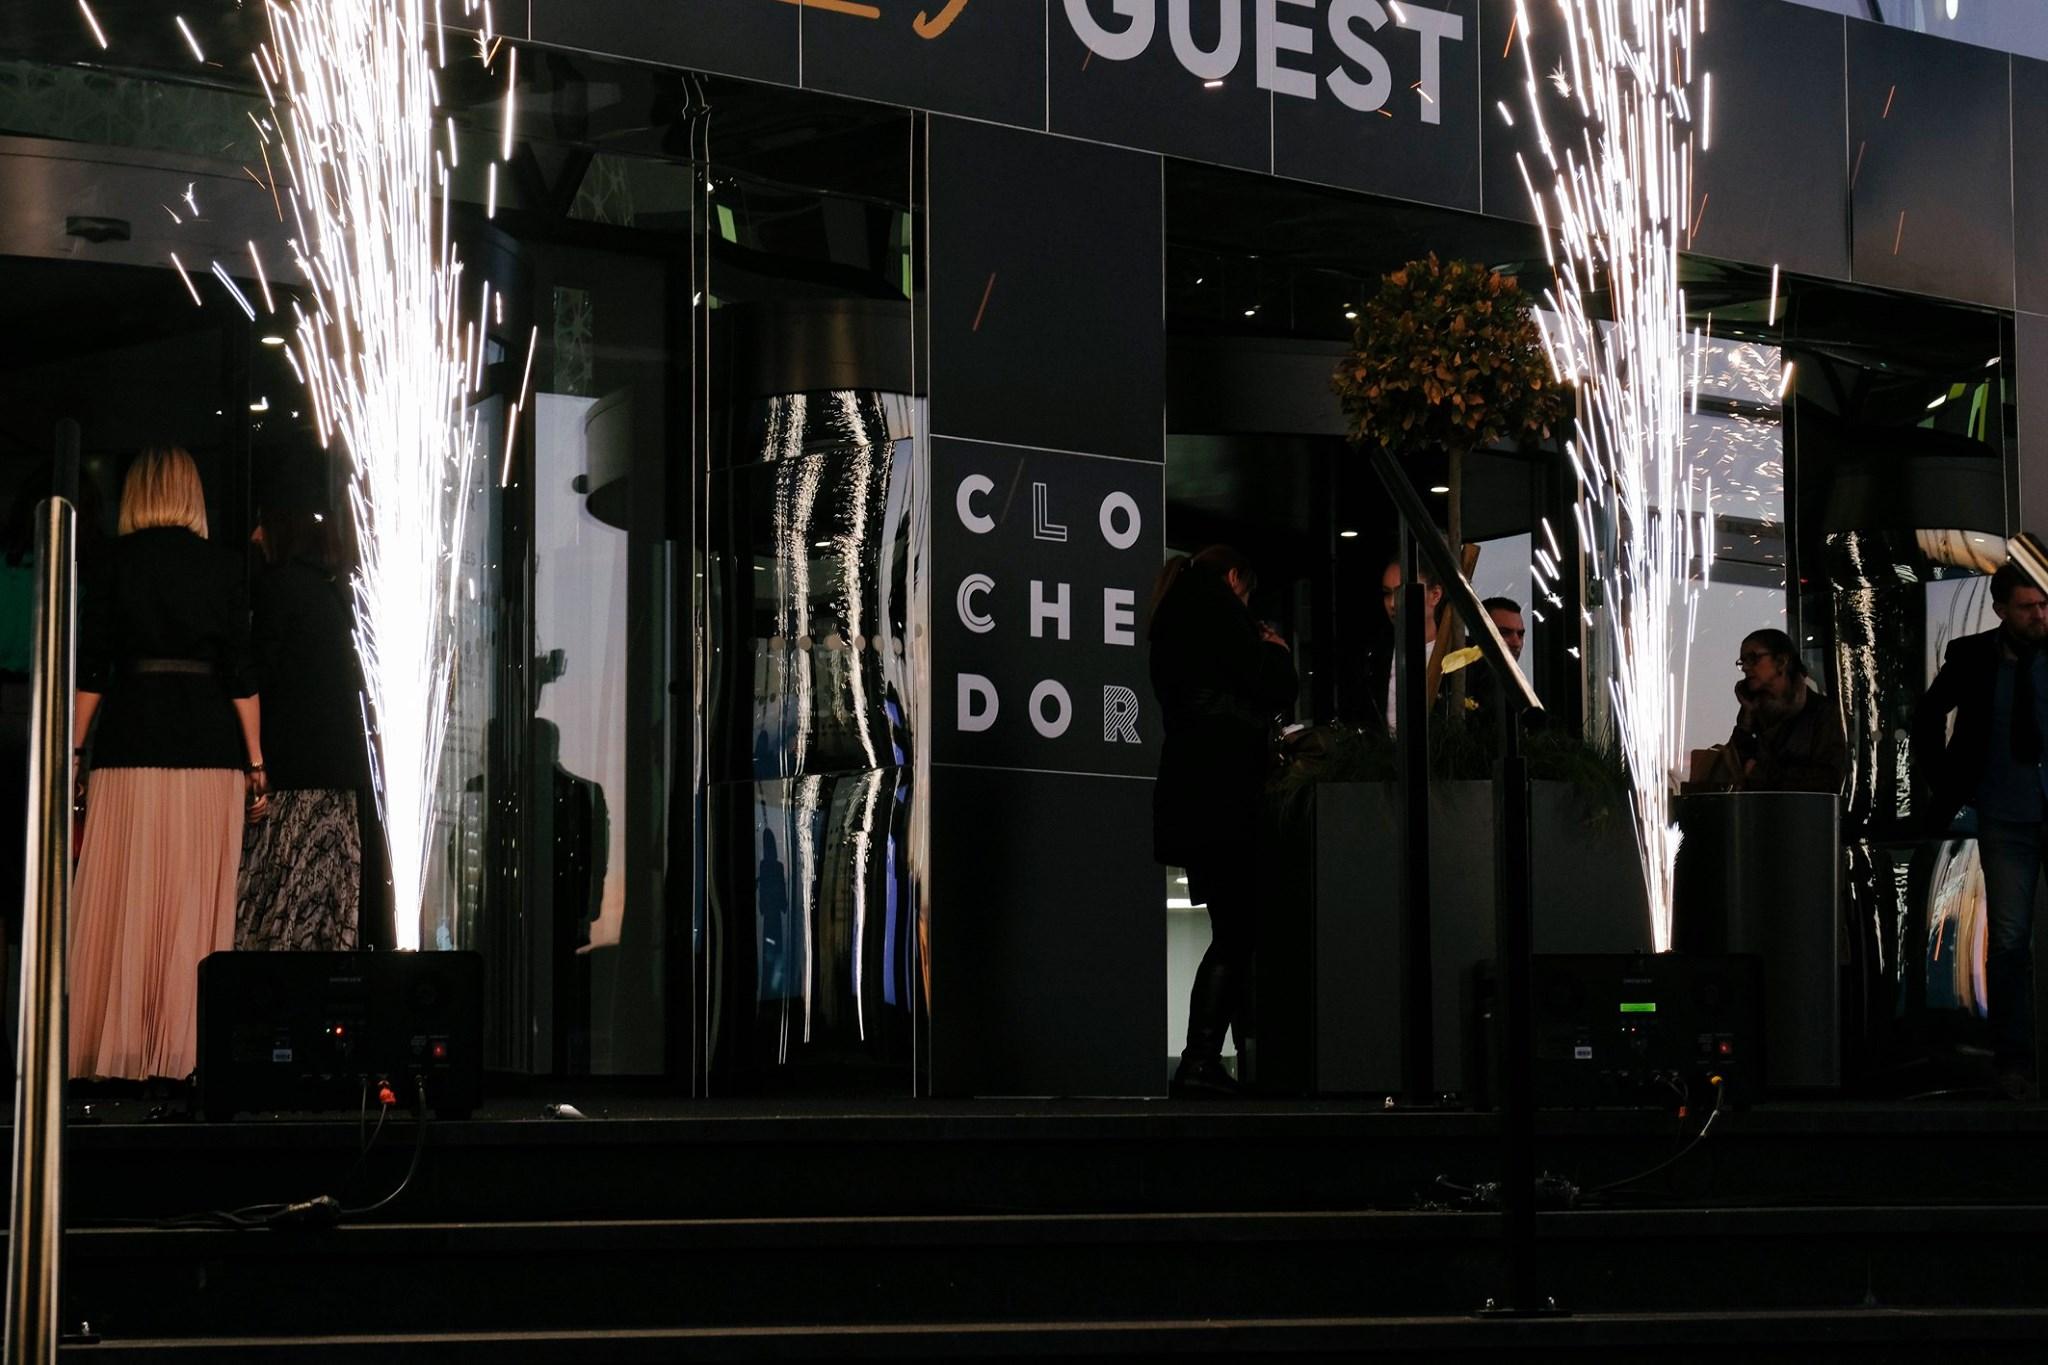 Shine a light agence évènementielle luxembourg - créateur d'expériences immersives - Inauguration Cloche d'Or